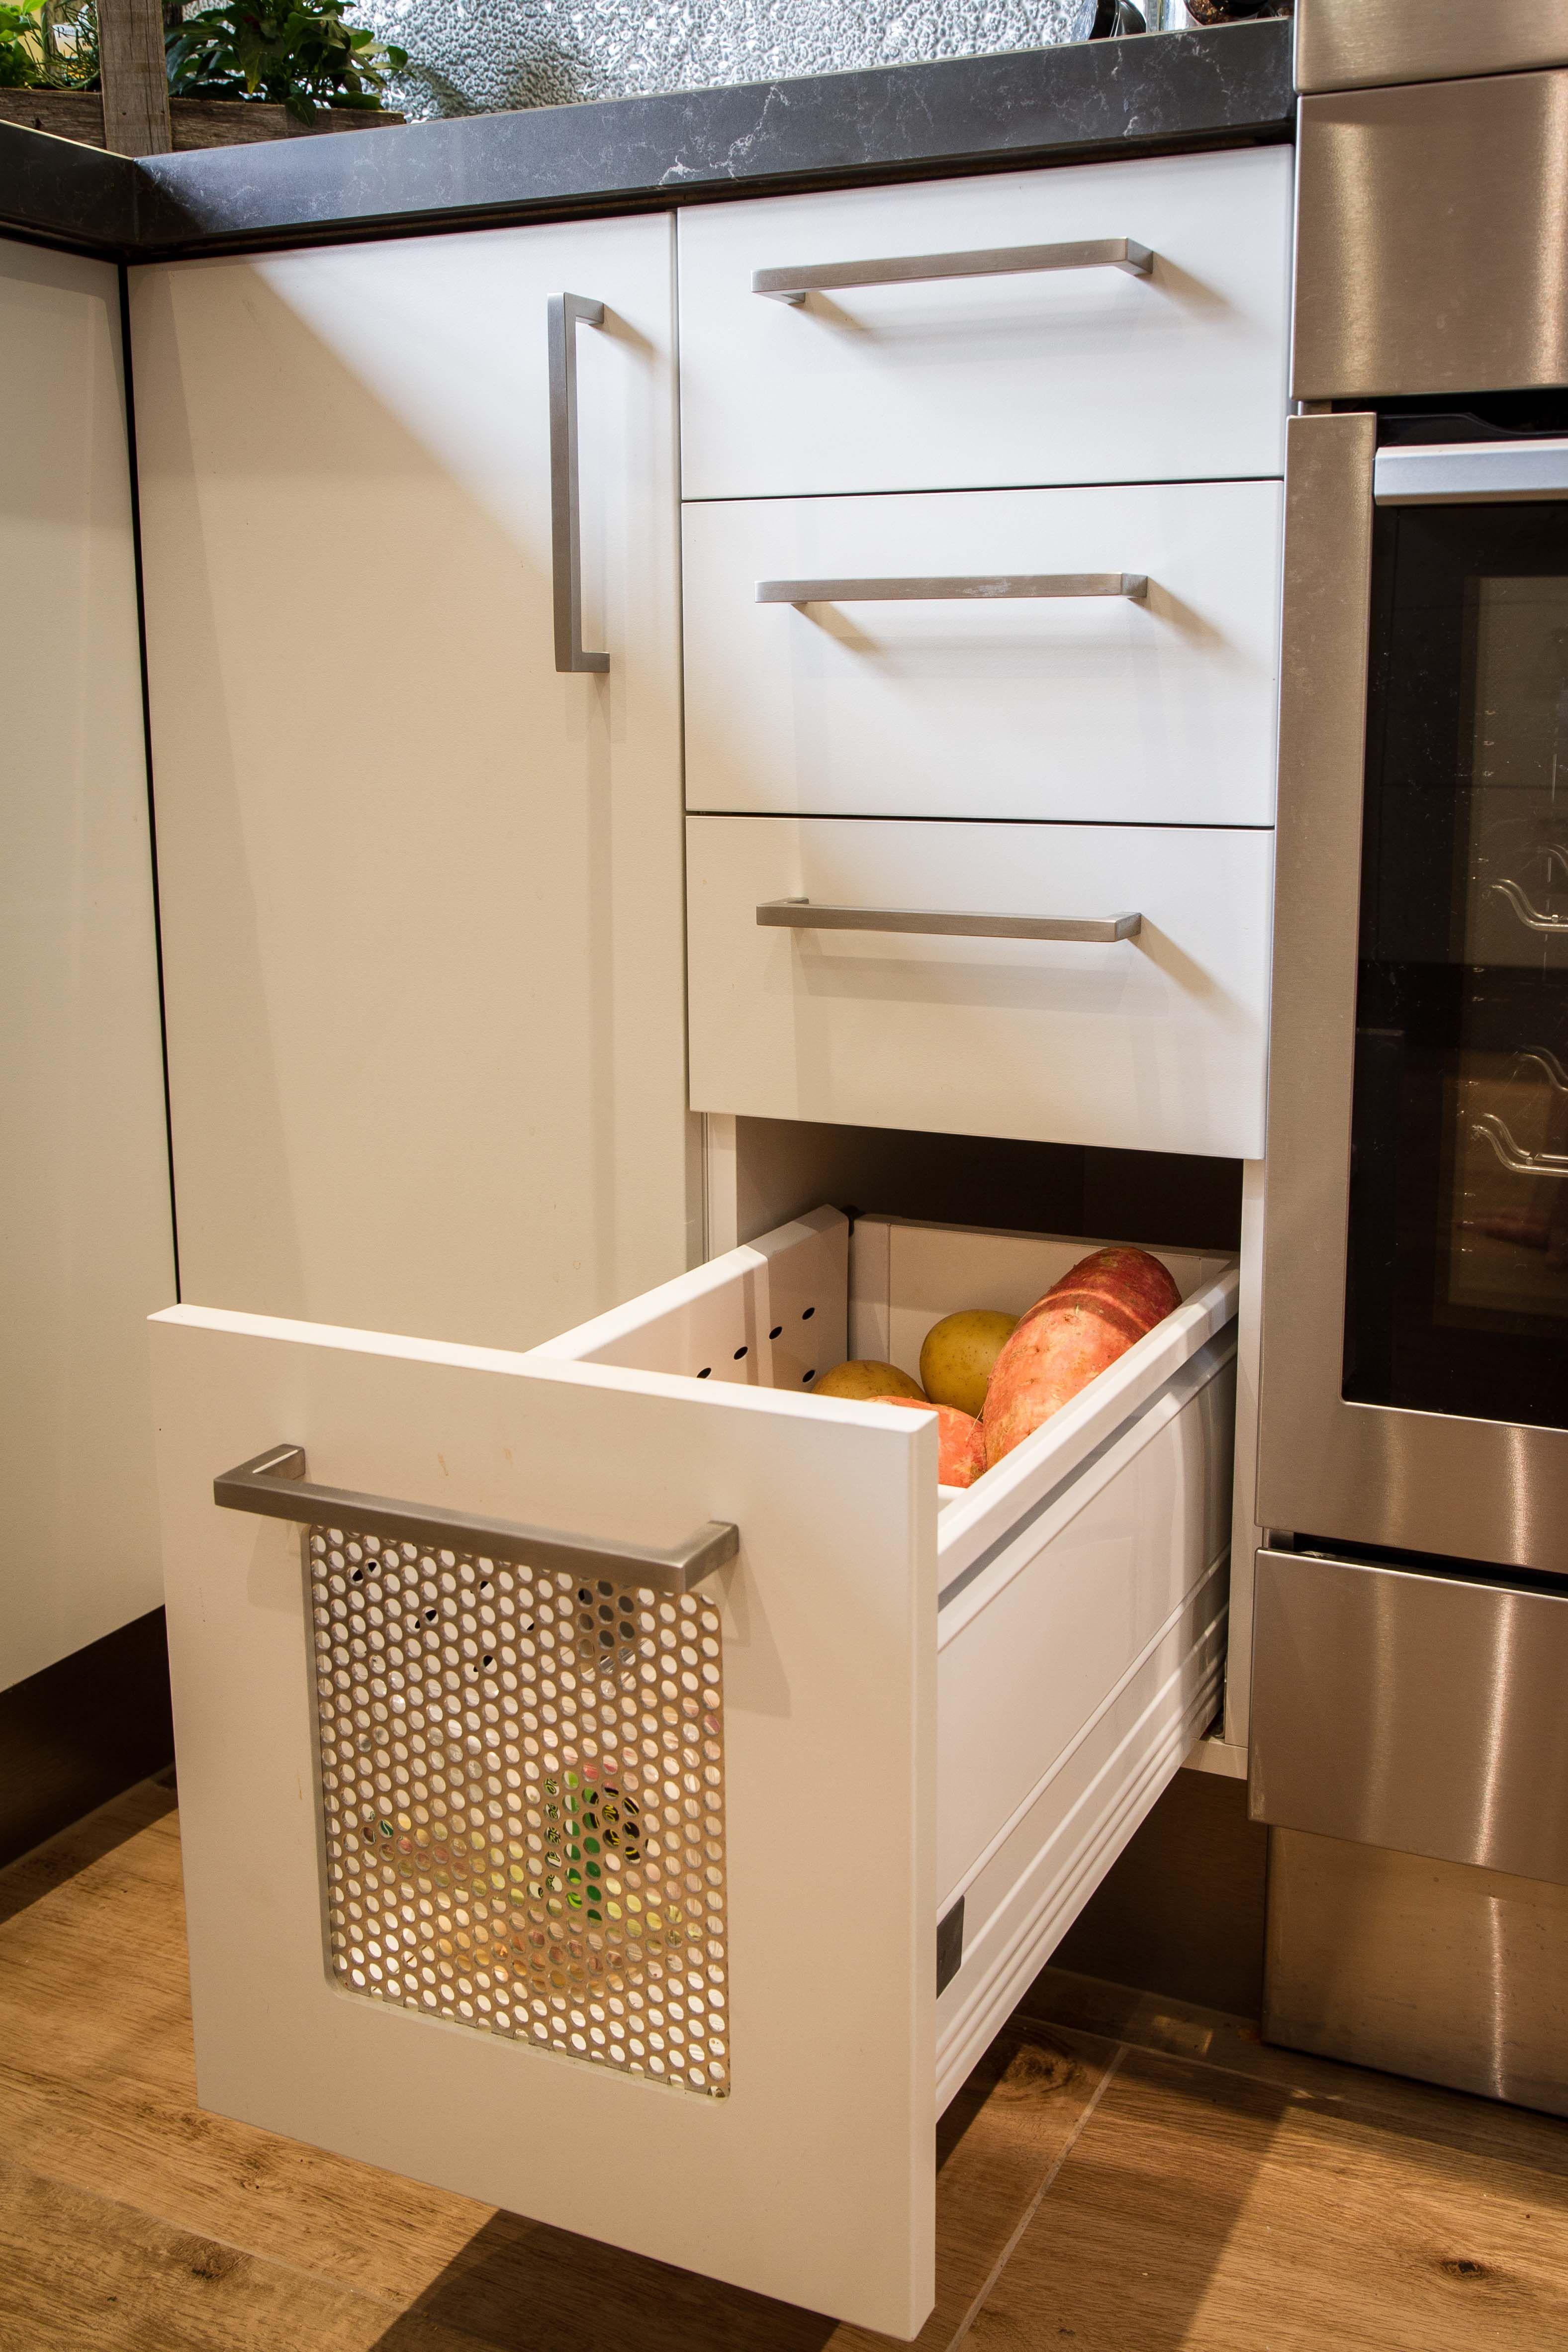 Aerated Vegetable Drawer Modern Kitchen Www Thekitchendesigncentre Com Au Kitchen Design Centre Kitchen Room Design Kitchen Cabinet Drawers